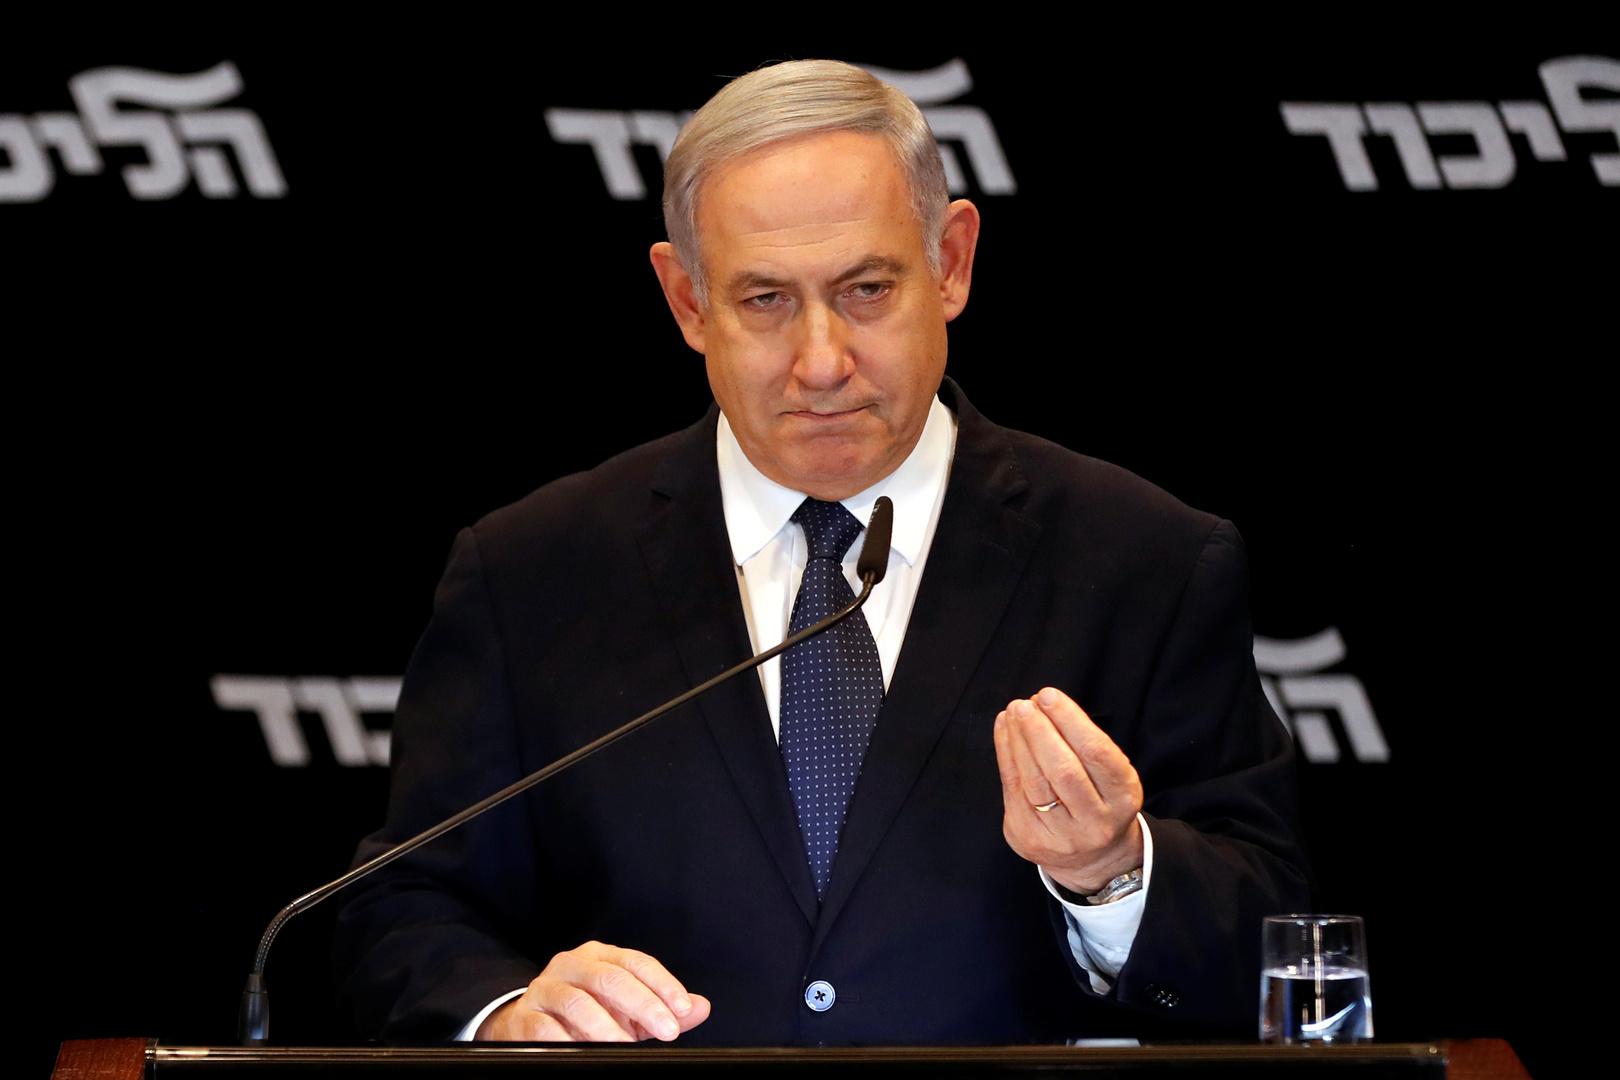 نتنياهو يقدم طلب الحصانة للكنيست لمنع محاكمته في قضايا فساد